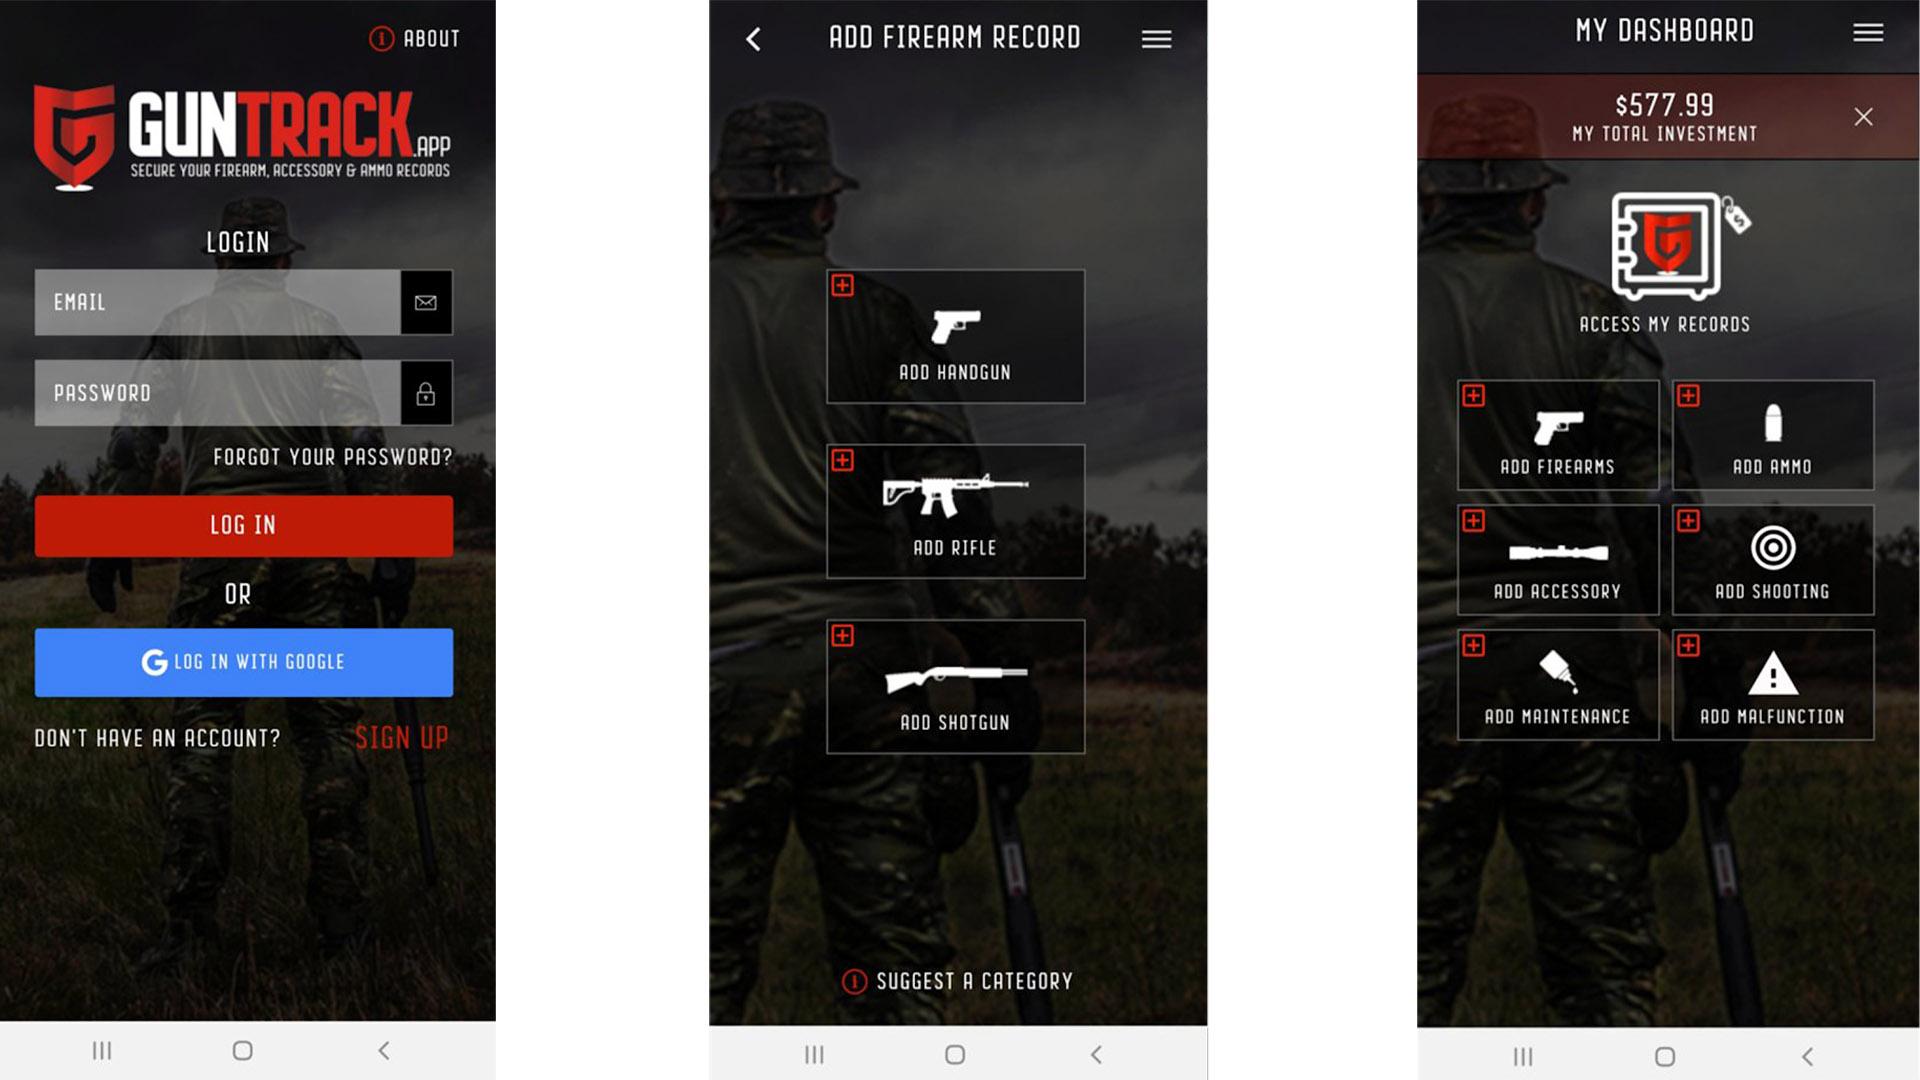 GUNTRACK screenshot 2020